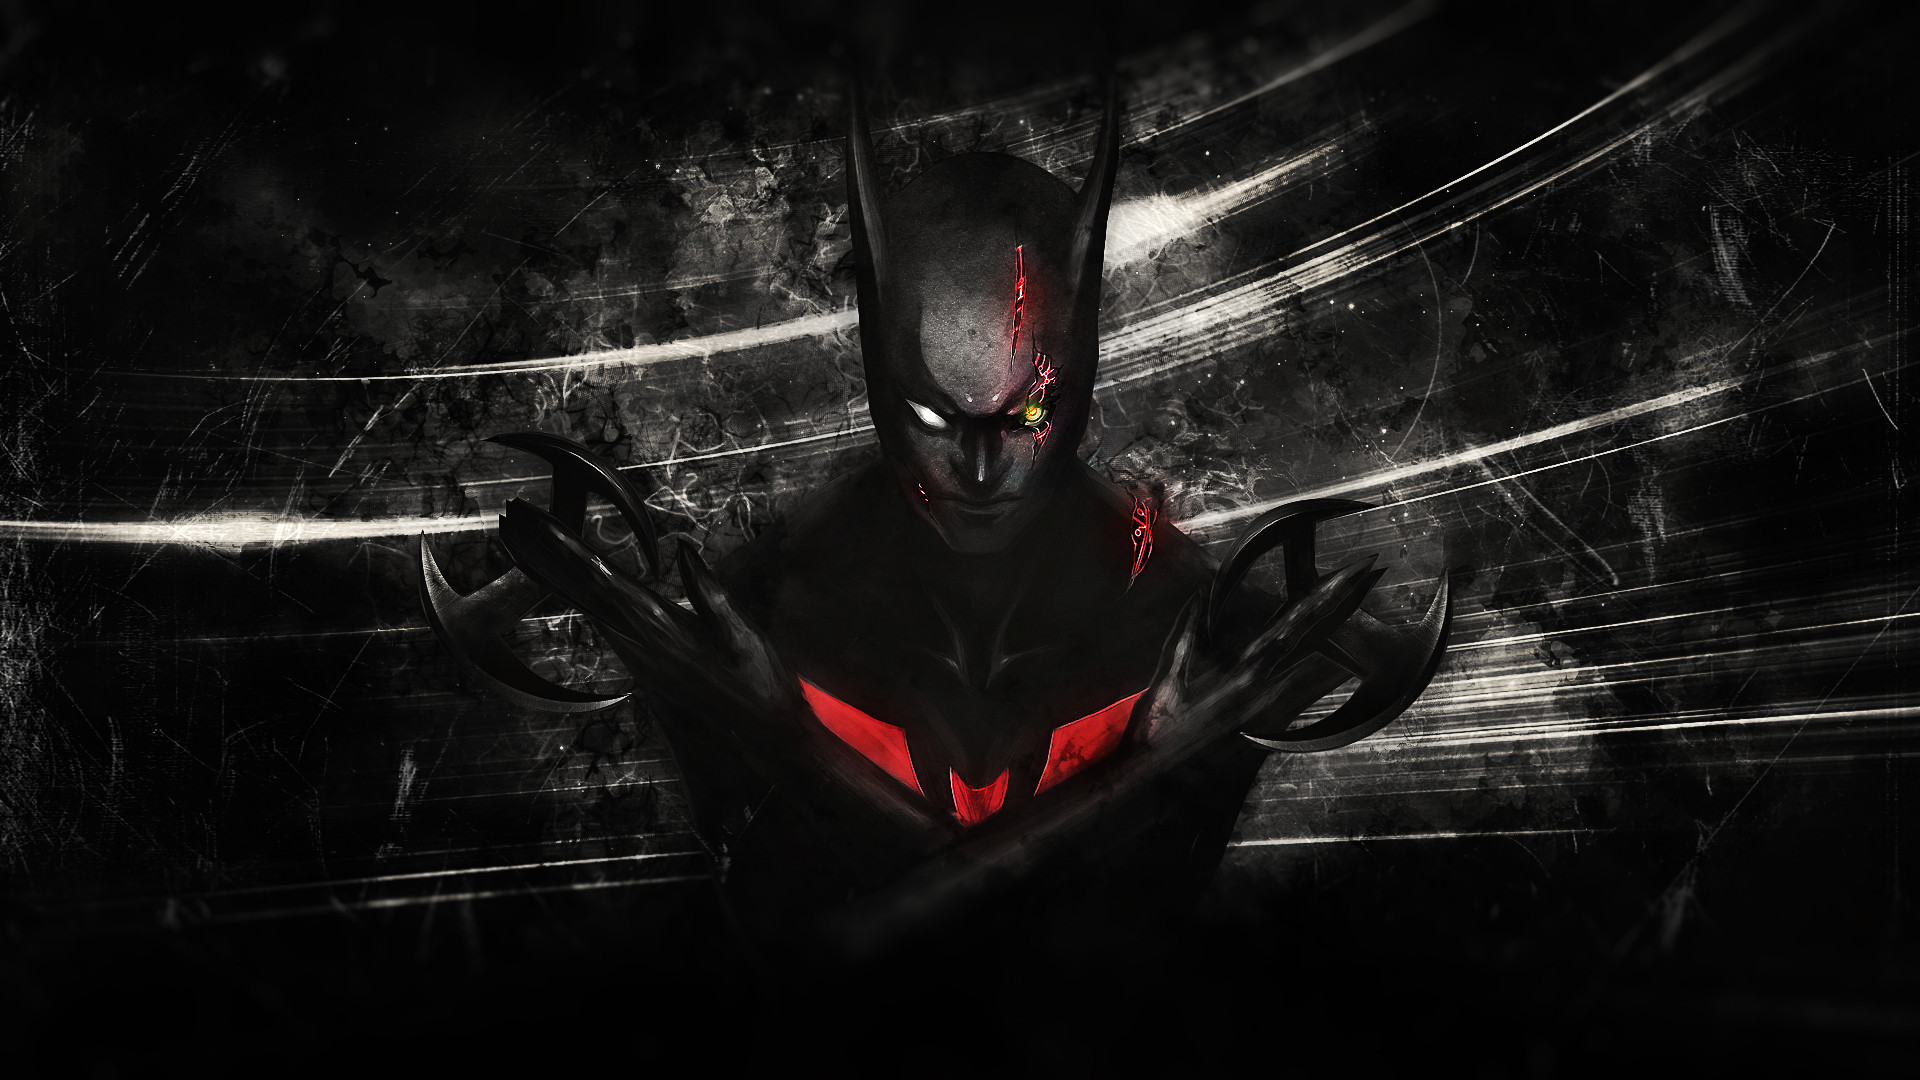 batman beyond wallpapers wallpaper cartoons cartoon hdw .